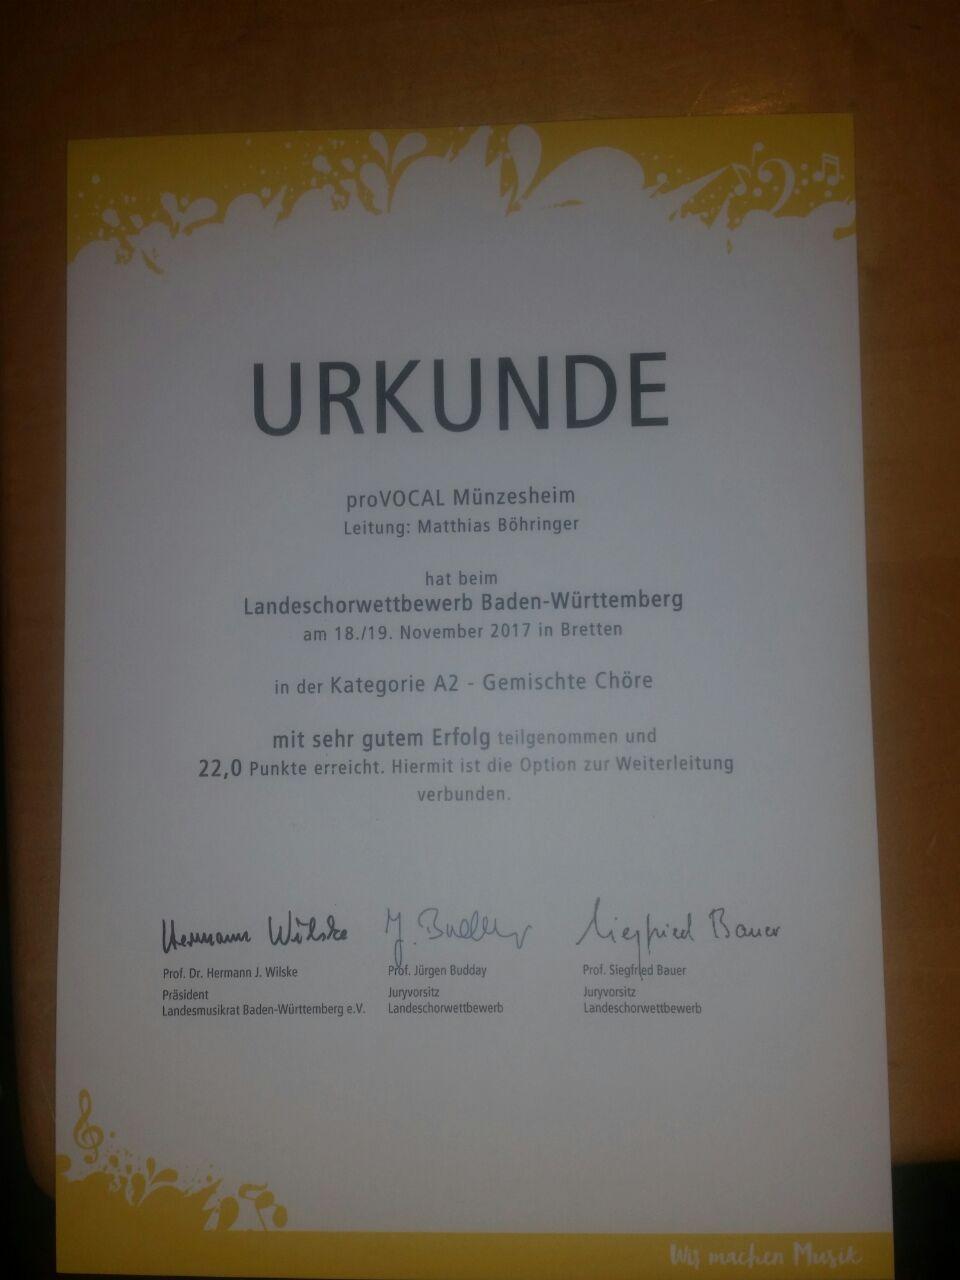 Urkunde landeschorwettbewerb provocal 2017